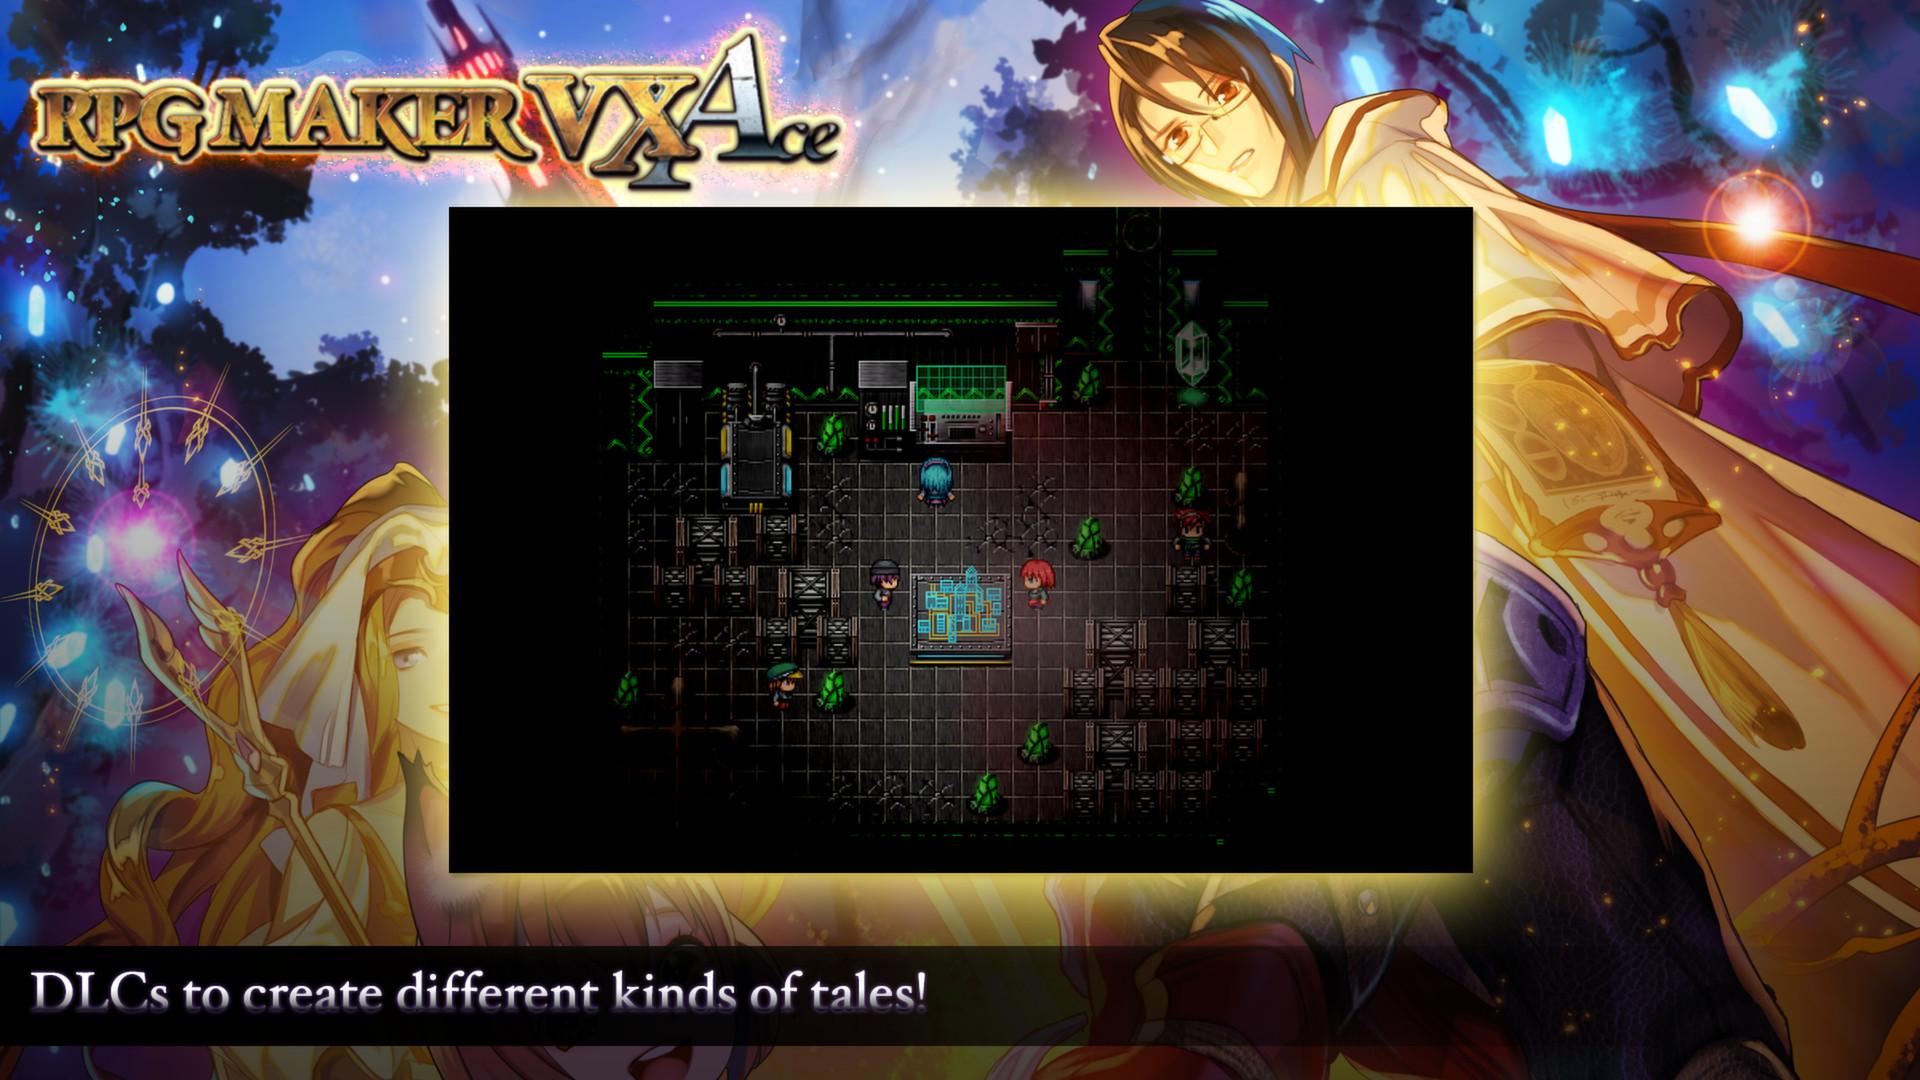 KHAiHOM.com - RPG Maker VX Ace